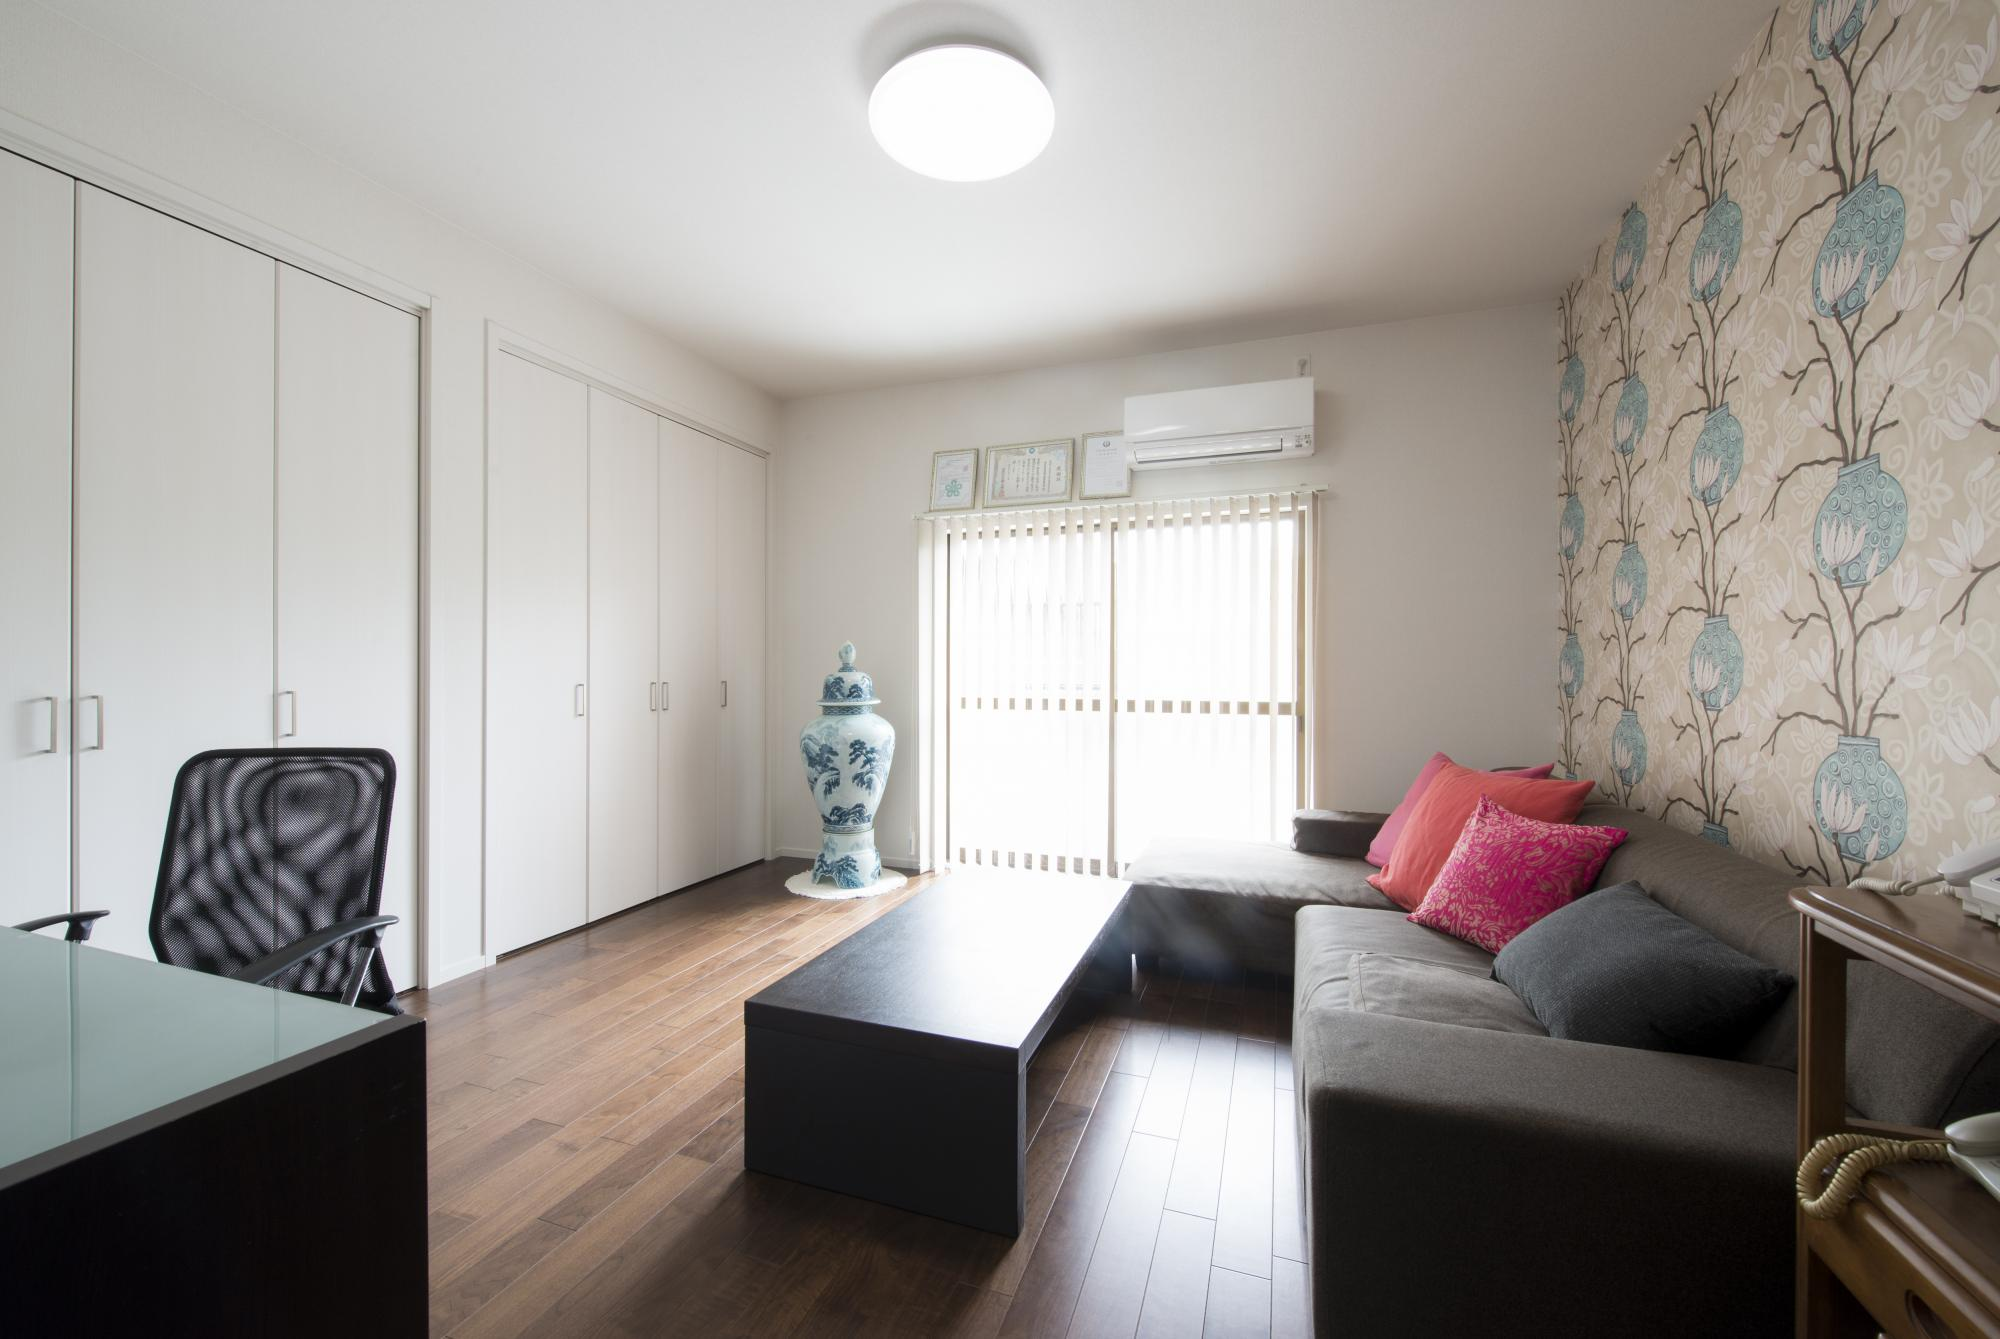 和室を洋室に変更。床は落ち着いた色合いのウォルナットフロアに。大胆な壺柄のクロスを採用し、押し入れの襖は折れ戸に取り替えた。